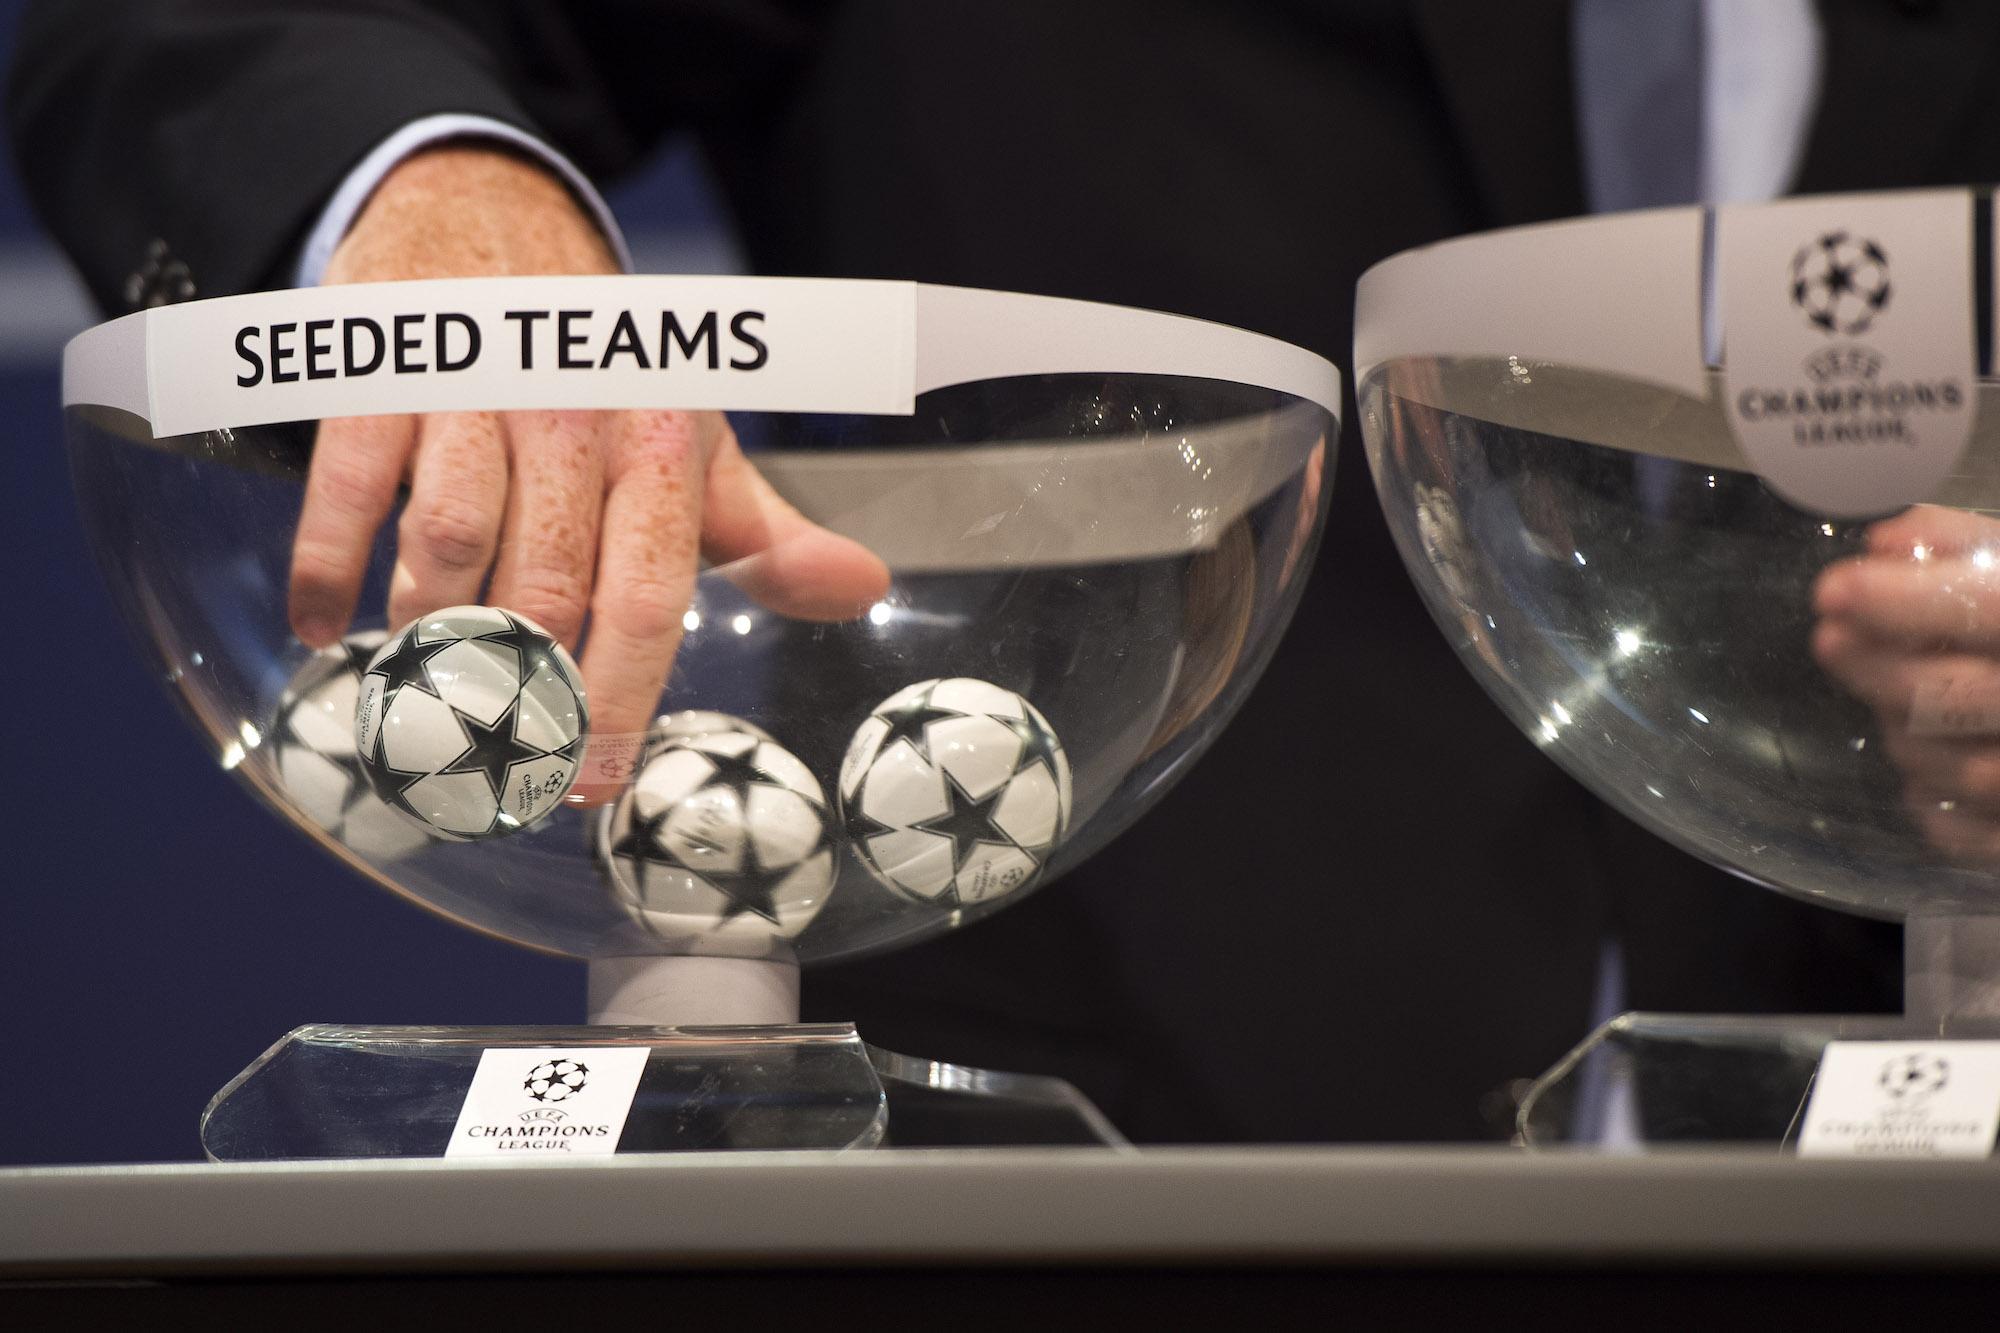 17.07.2015; Nyon; Fussball UEFA - Auslosung Champions League und Europa League; Auslosung fuer die dritte Qualifikationsrund